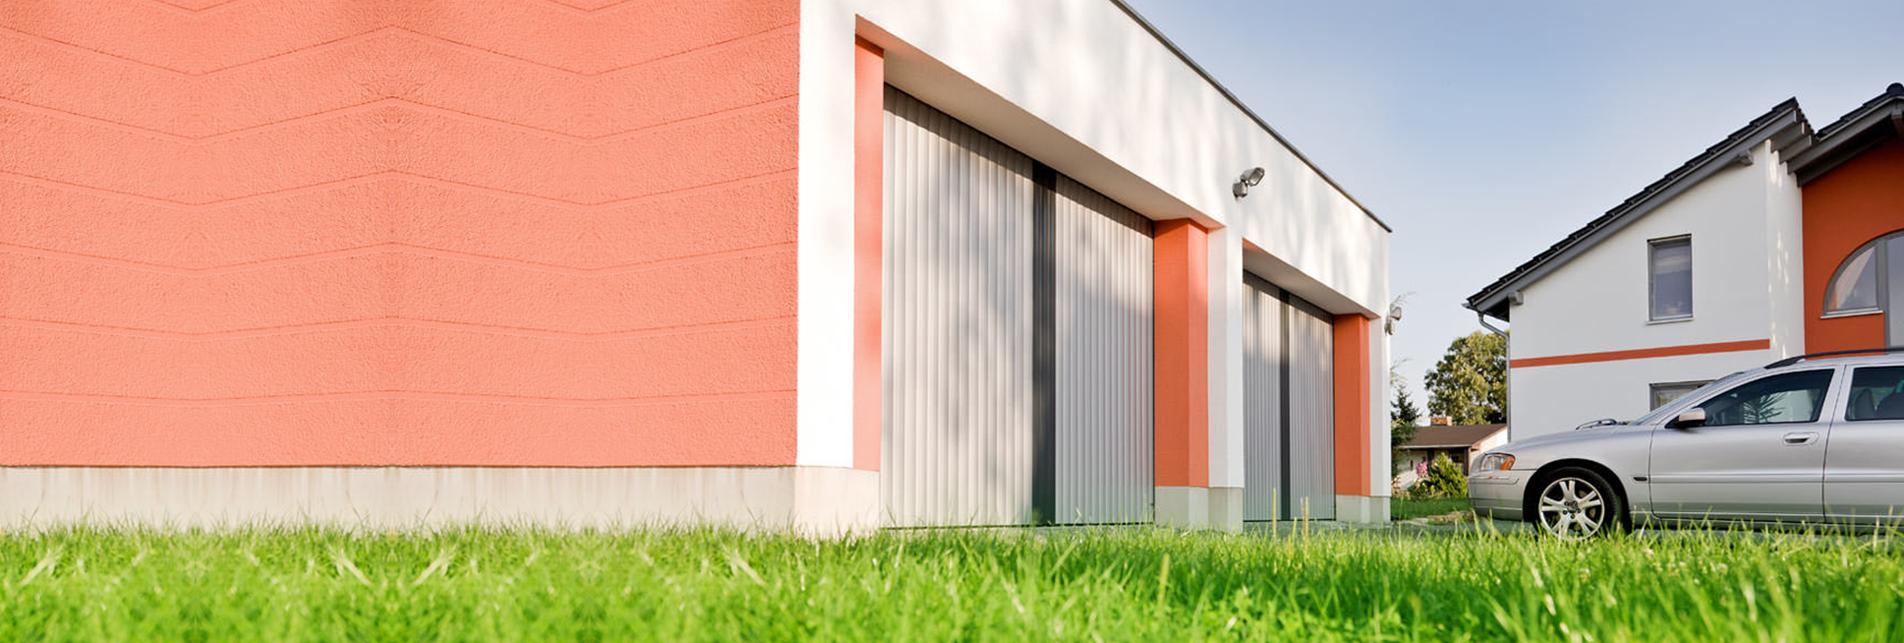 Garage Door Solution Service Garage Door Replacement